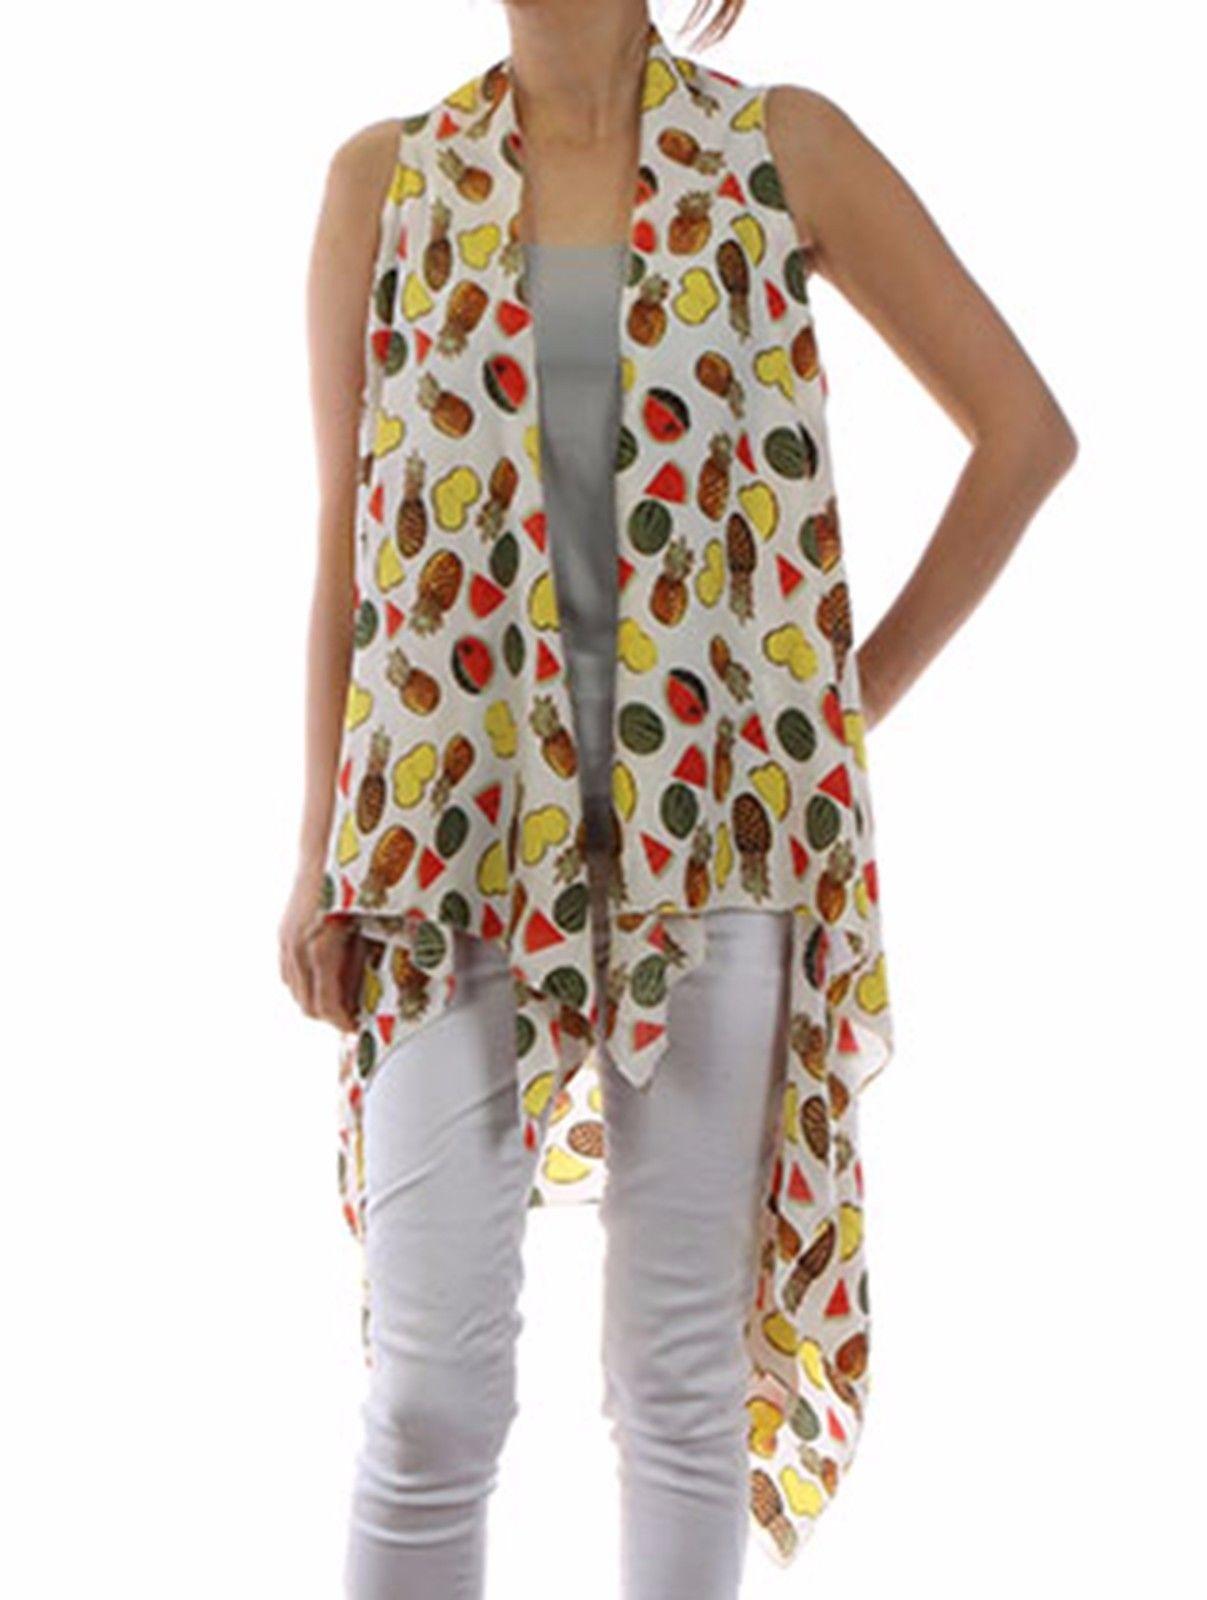 Tropical Fruit Print Cover Up Vest Beach Swim Suit Wrap White